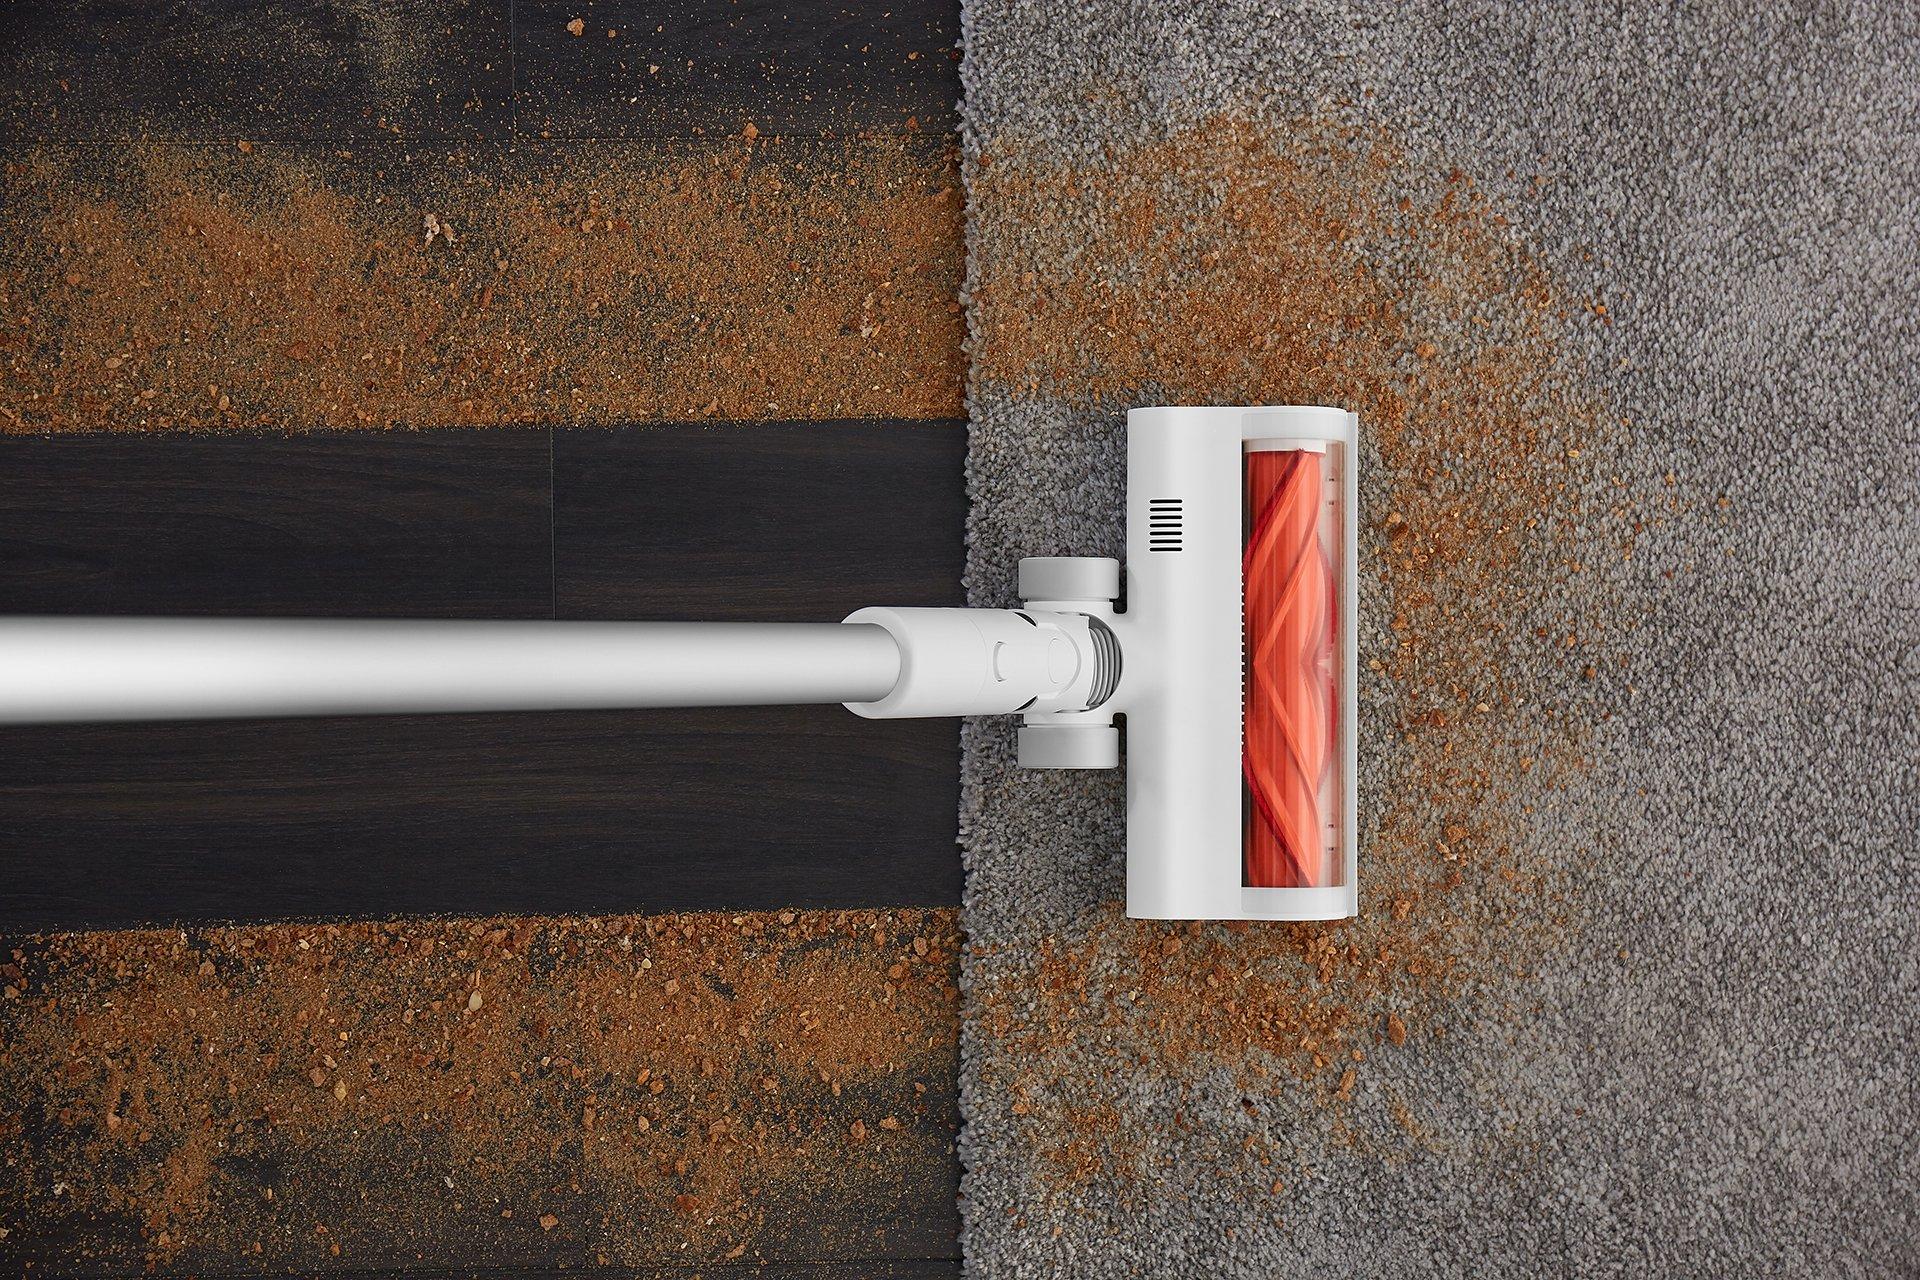 Nueva Xiaomi Mi Vacuum Cleaner G10, una aspiradora sin cables de lo más completa. Noticias Xiaomi Adictos